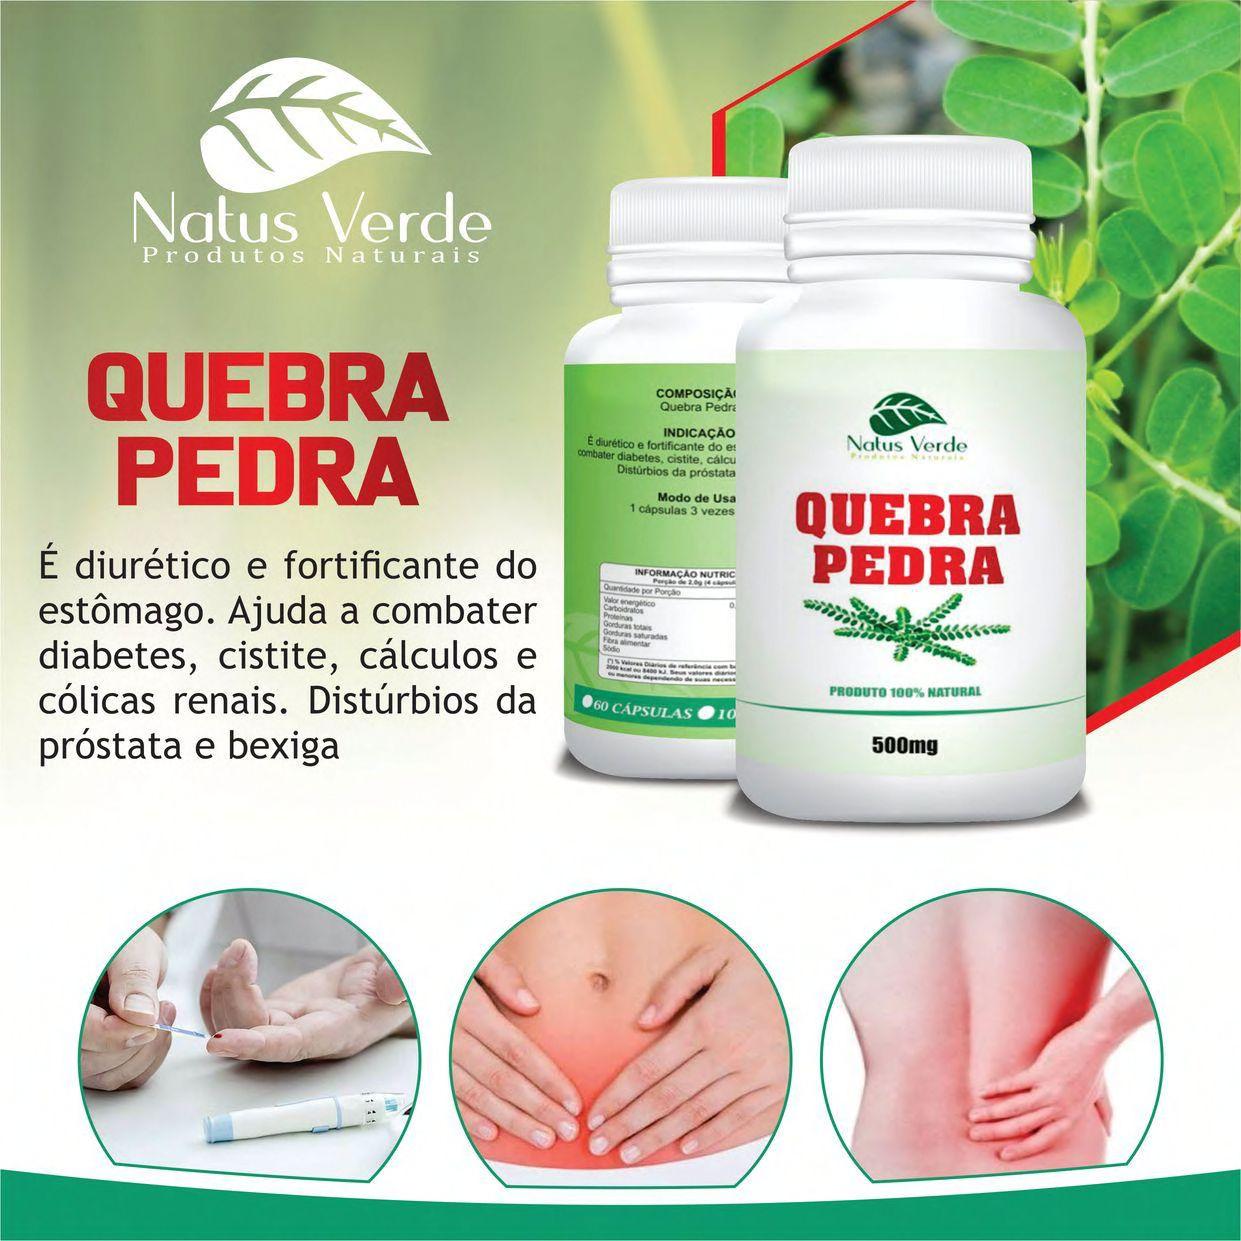 Produto Natural Quebra Pedra 60 Caps Natus Verde  - Fribasex - Fabricasex.com